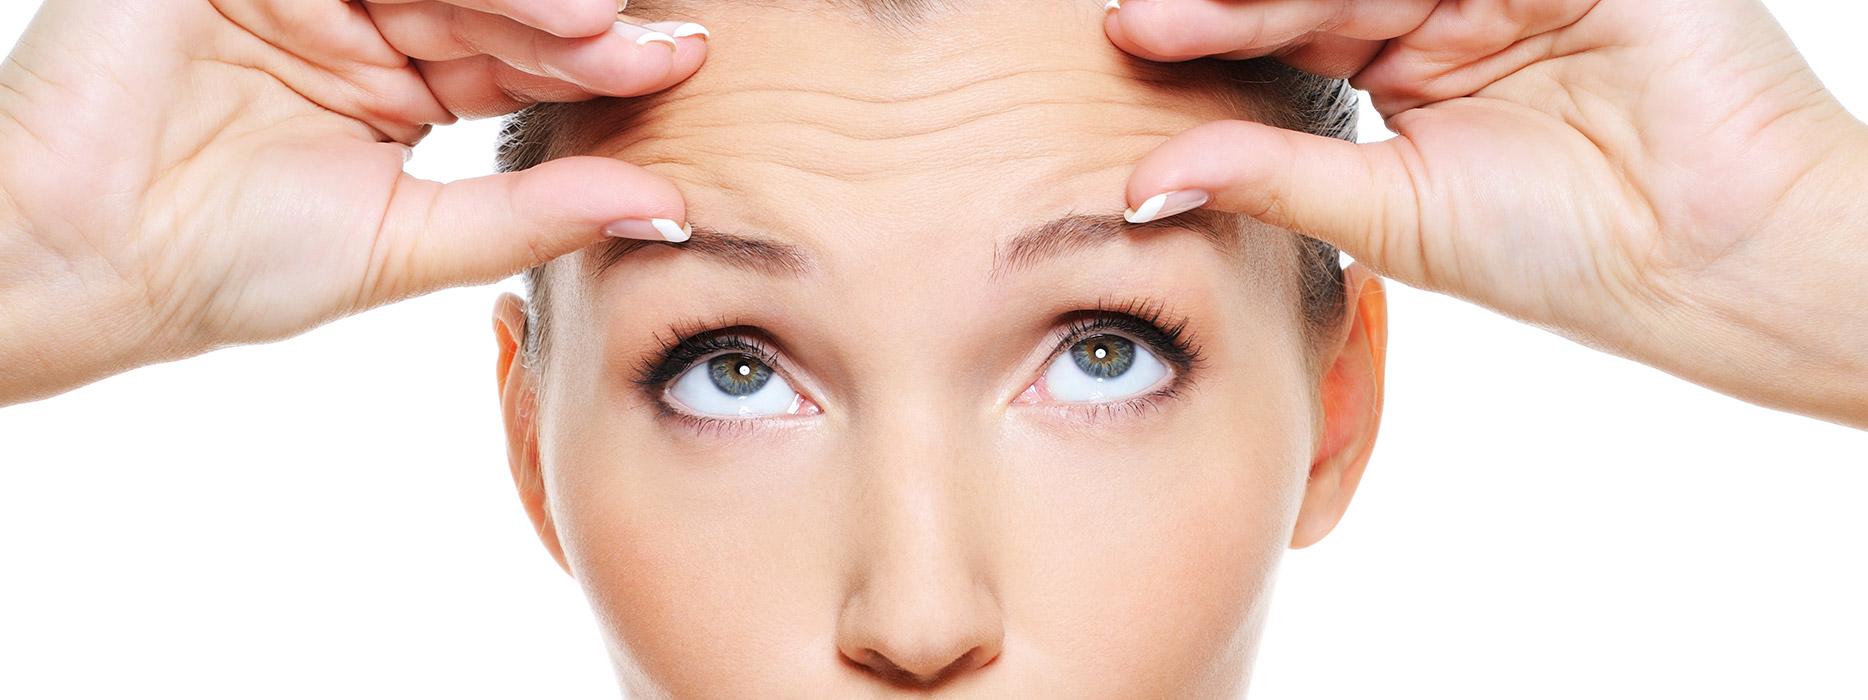 Les injections de Botox améliorent l'estime de soi - Dr Benouaiche - Paris